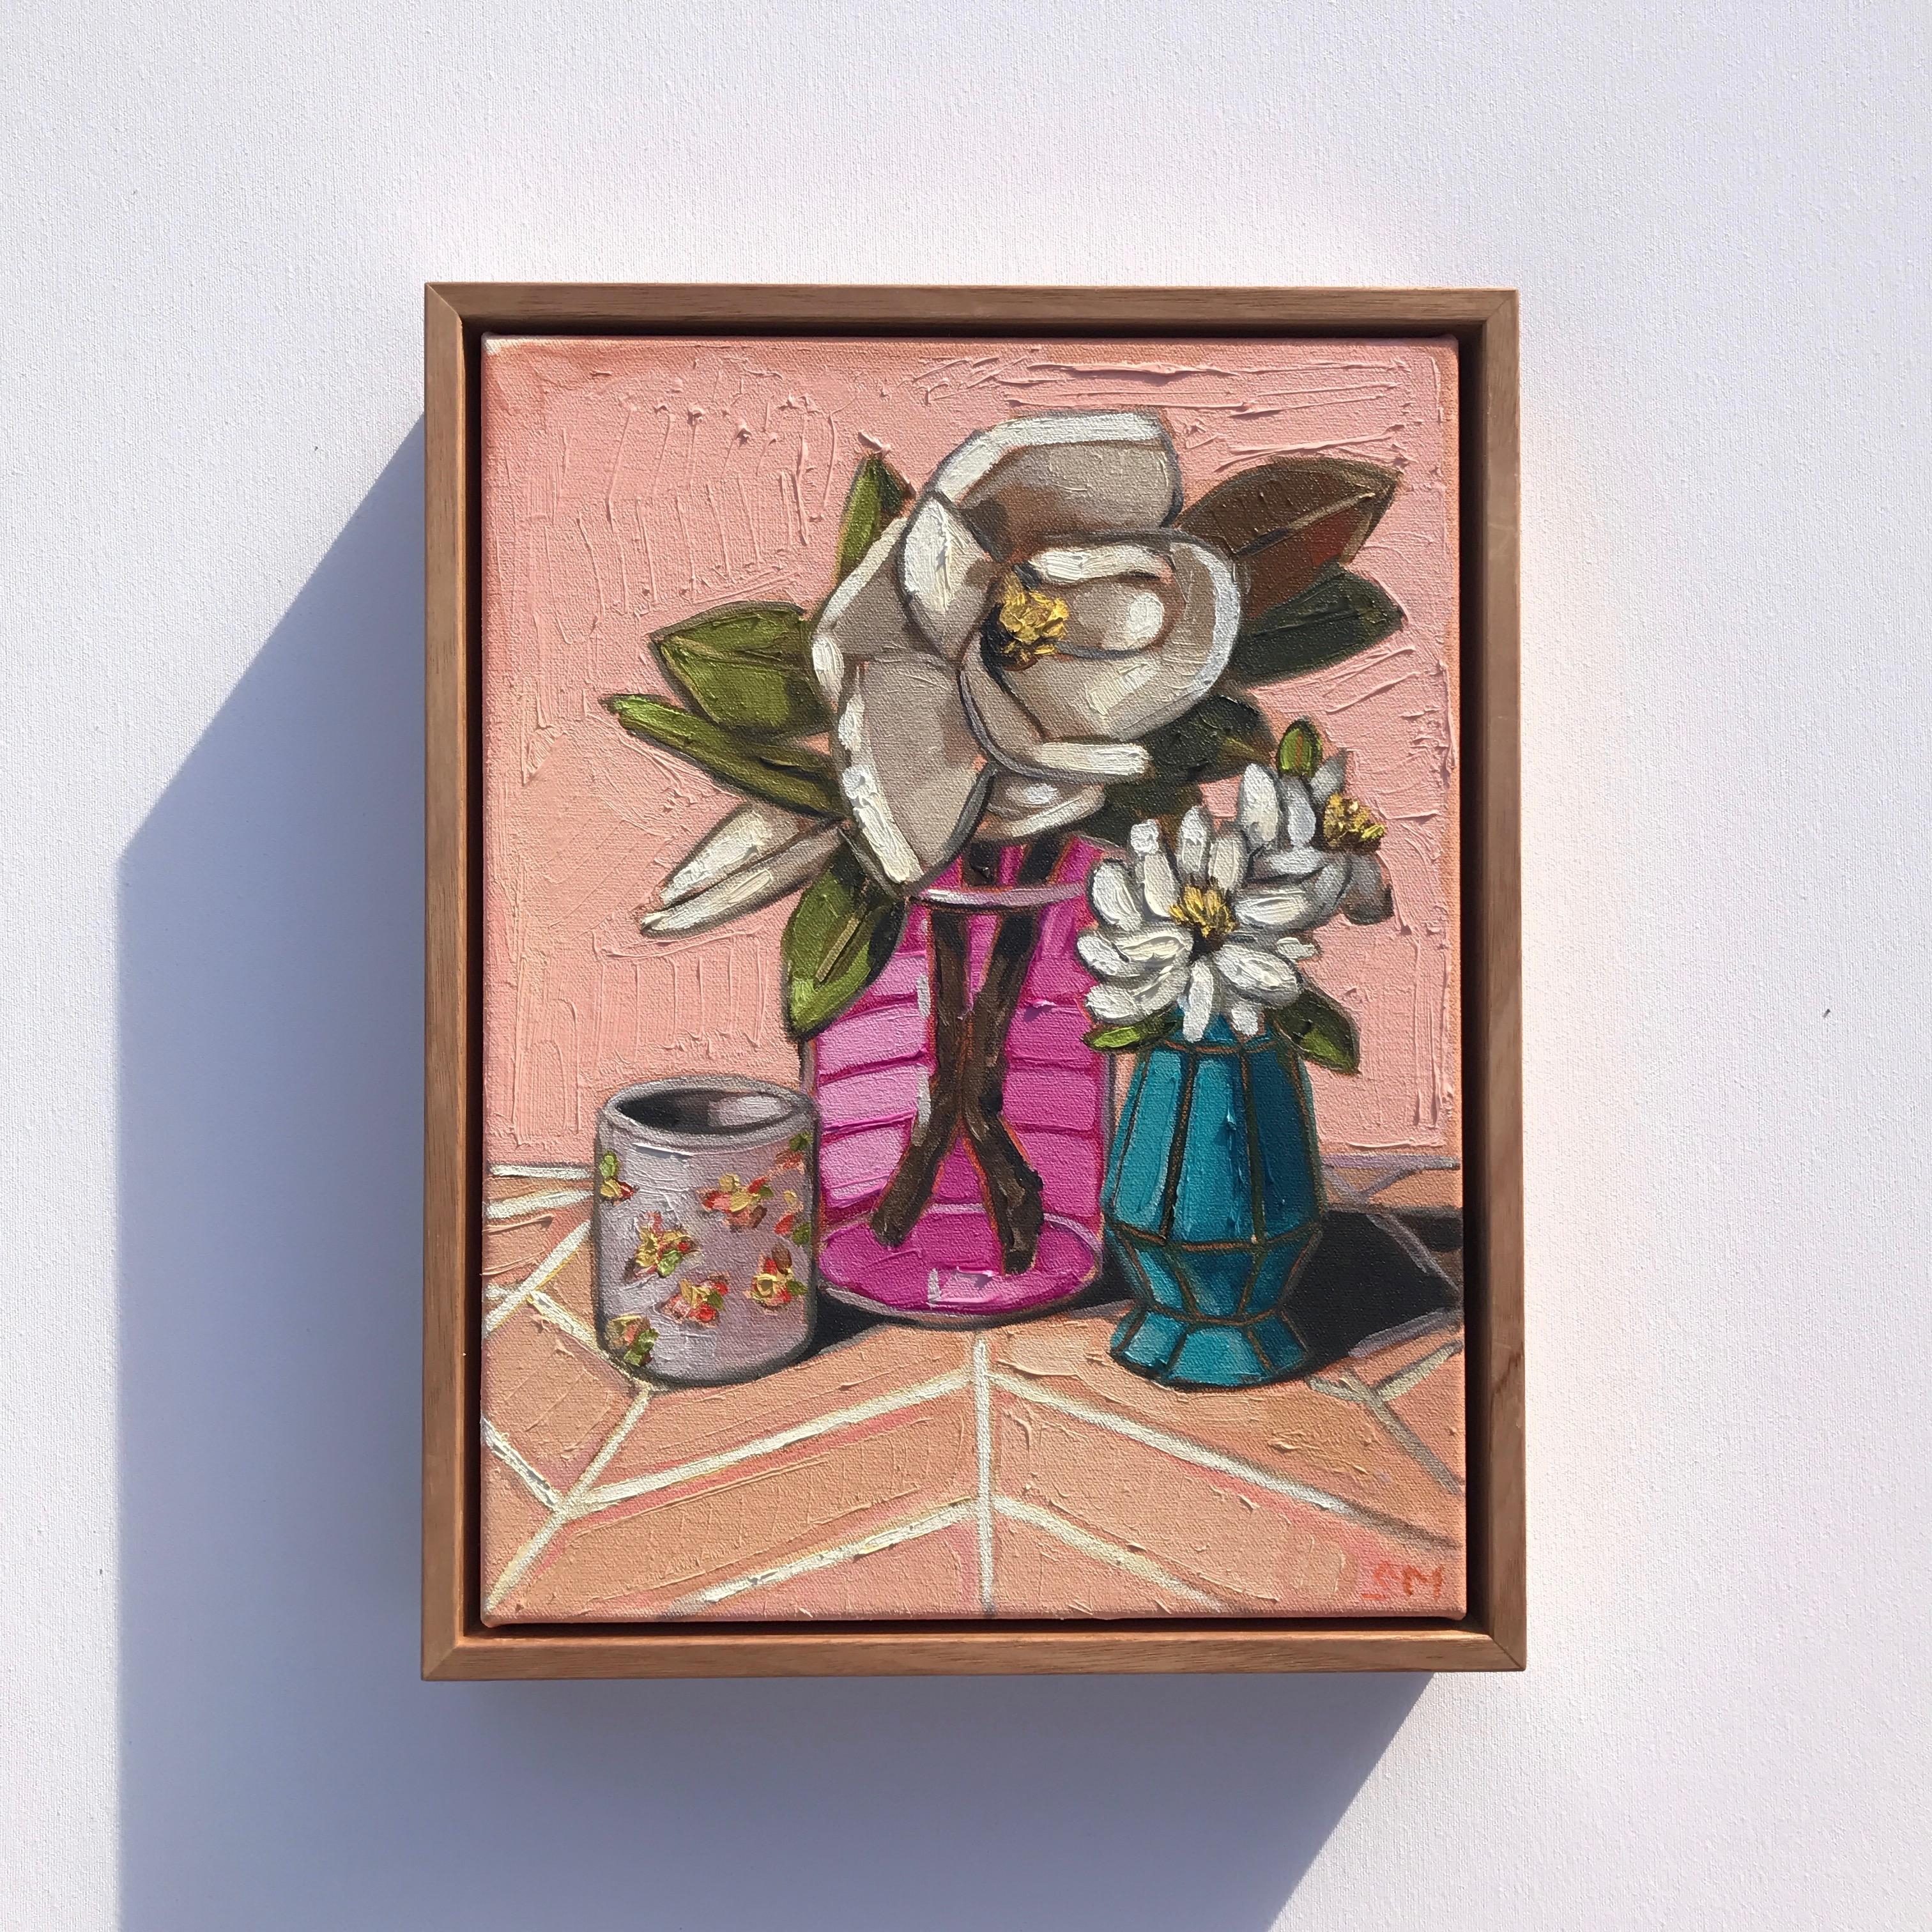 07_17 'Magnolia & Peach' 37x29cm $695